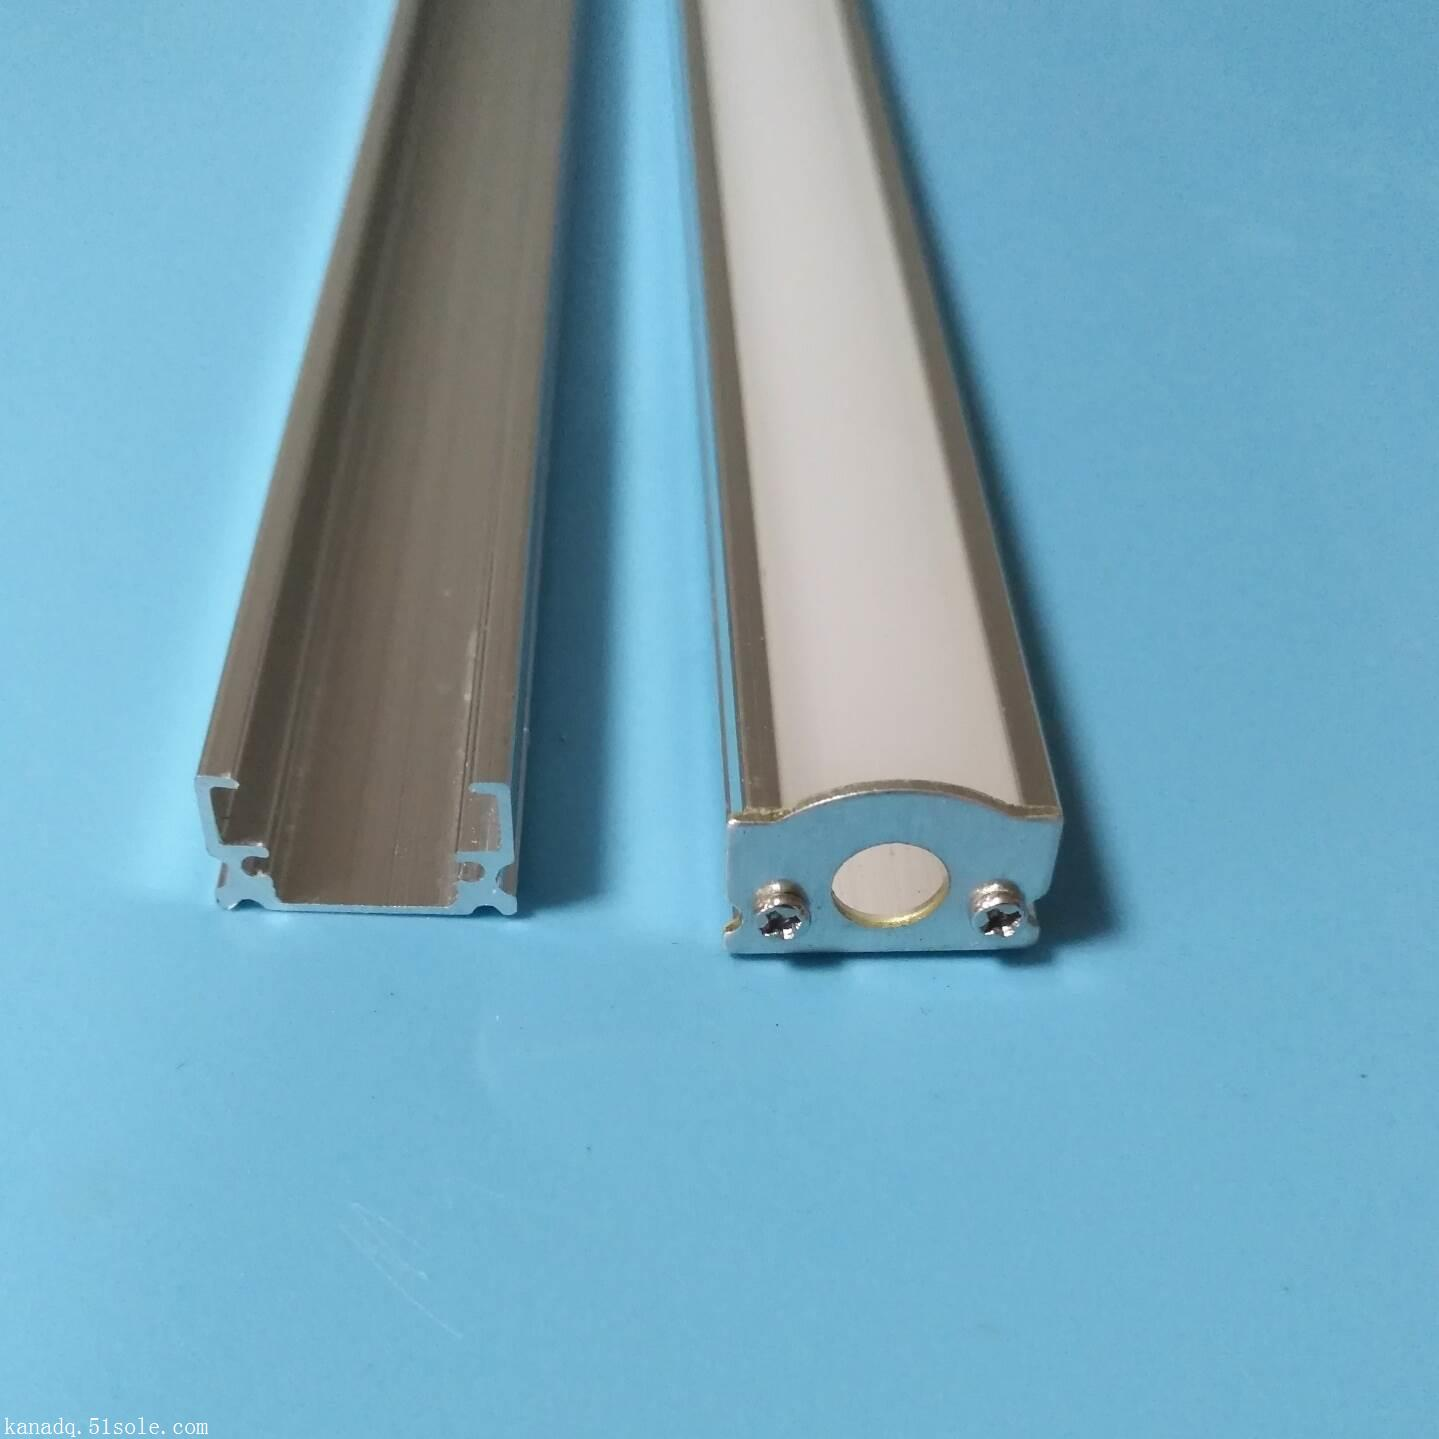 LED硬灯条U型带PC罩铝槽套件.LED灯条铝型材外壳.灯条铝槽套件